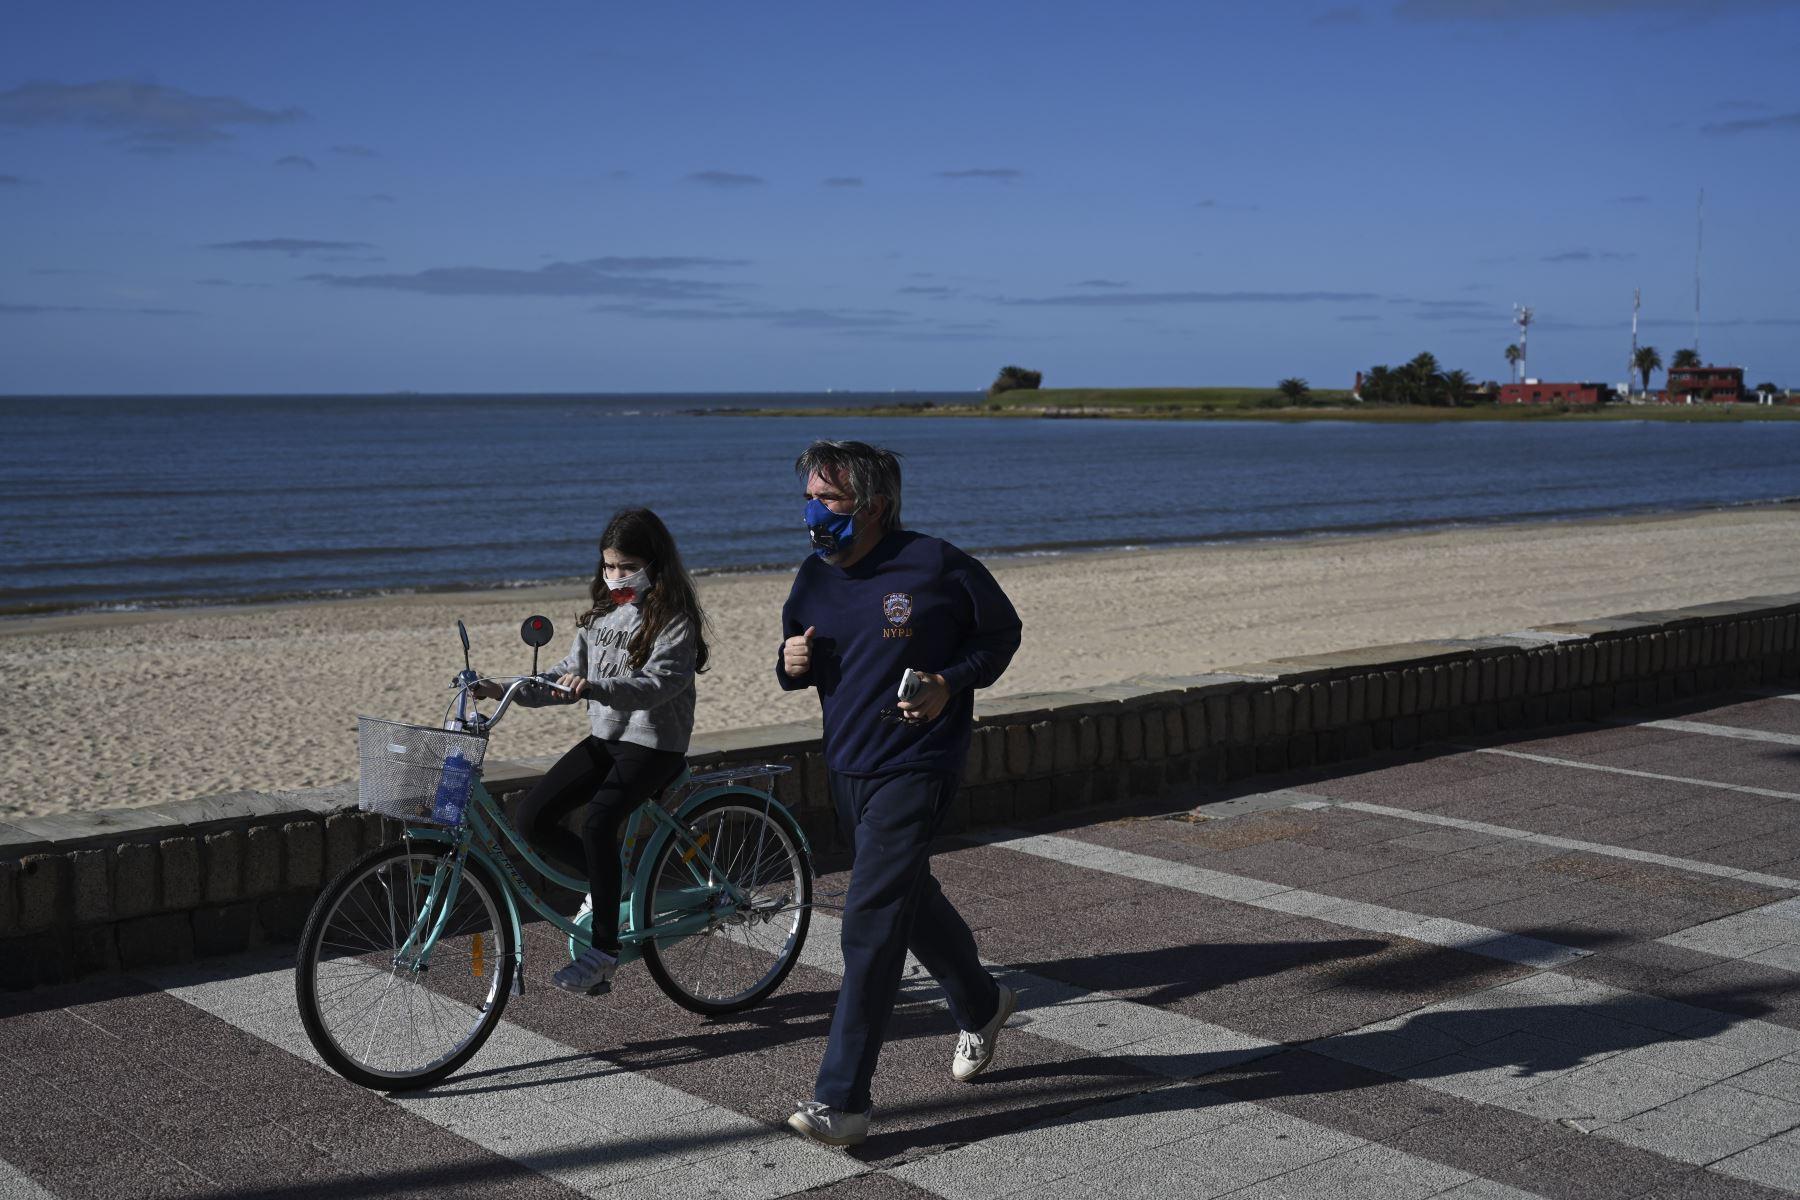 Un hombre y su hija usan máscaras faciales mientras hacen ejercicio a lo largo de la avenida costera de Montevideo Rambla. Foto: AFP